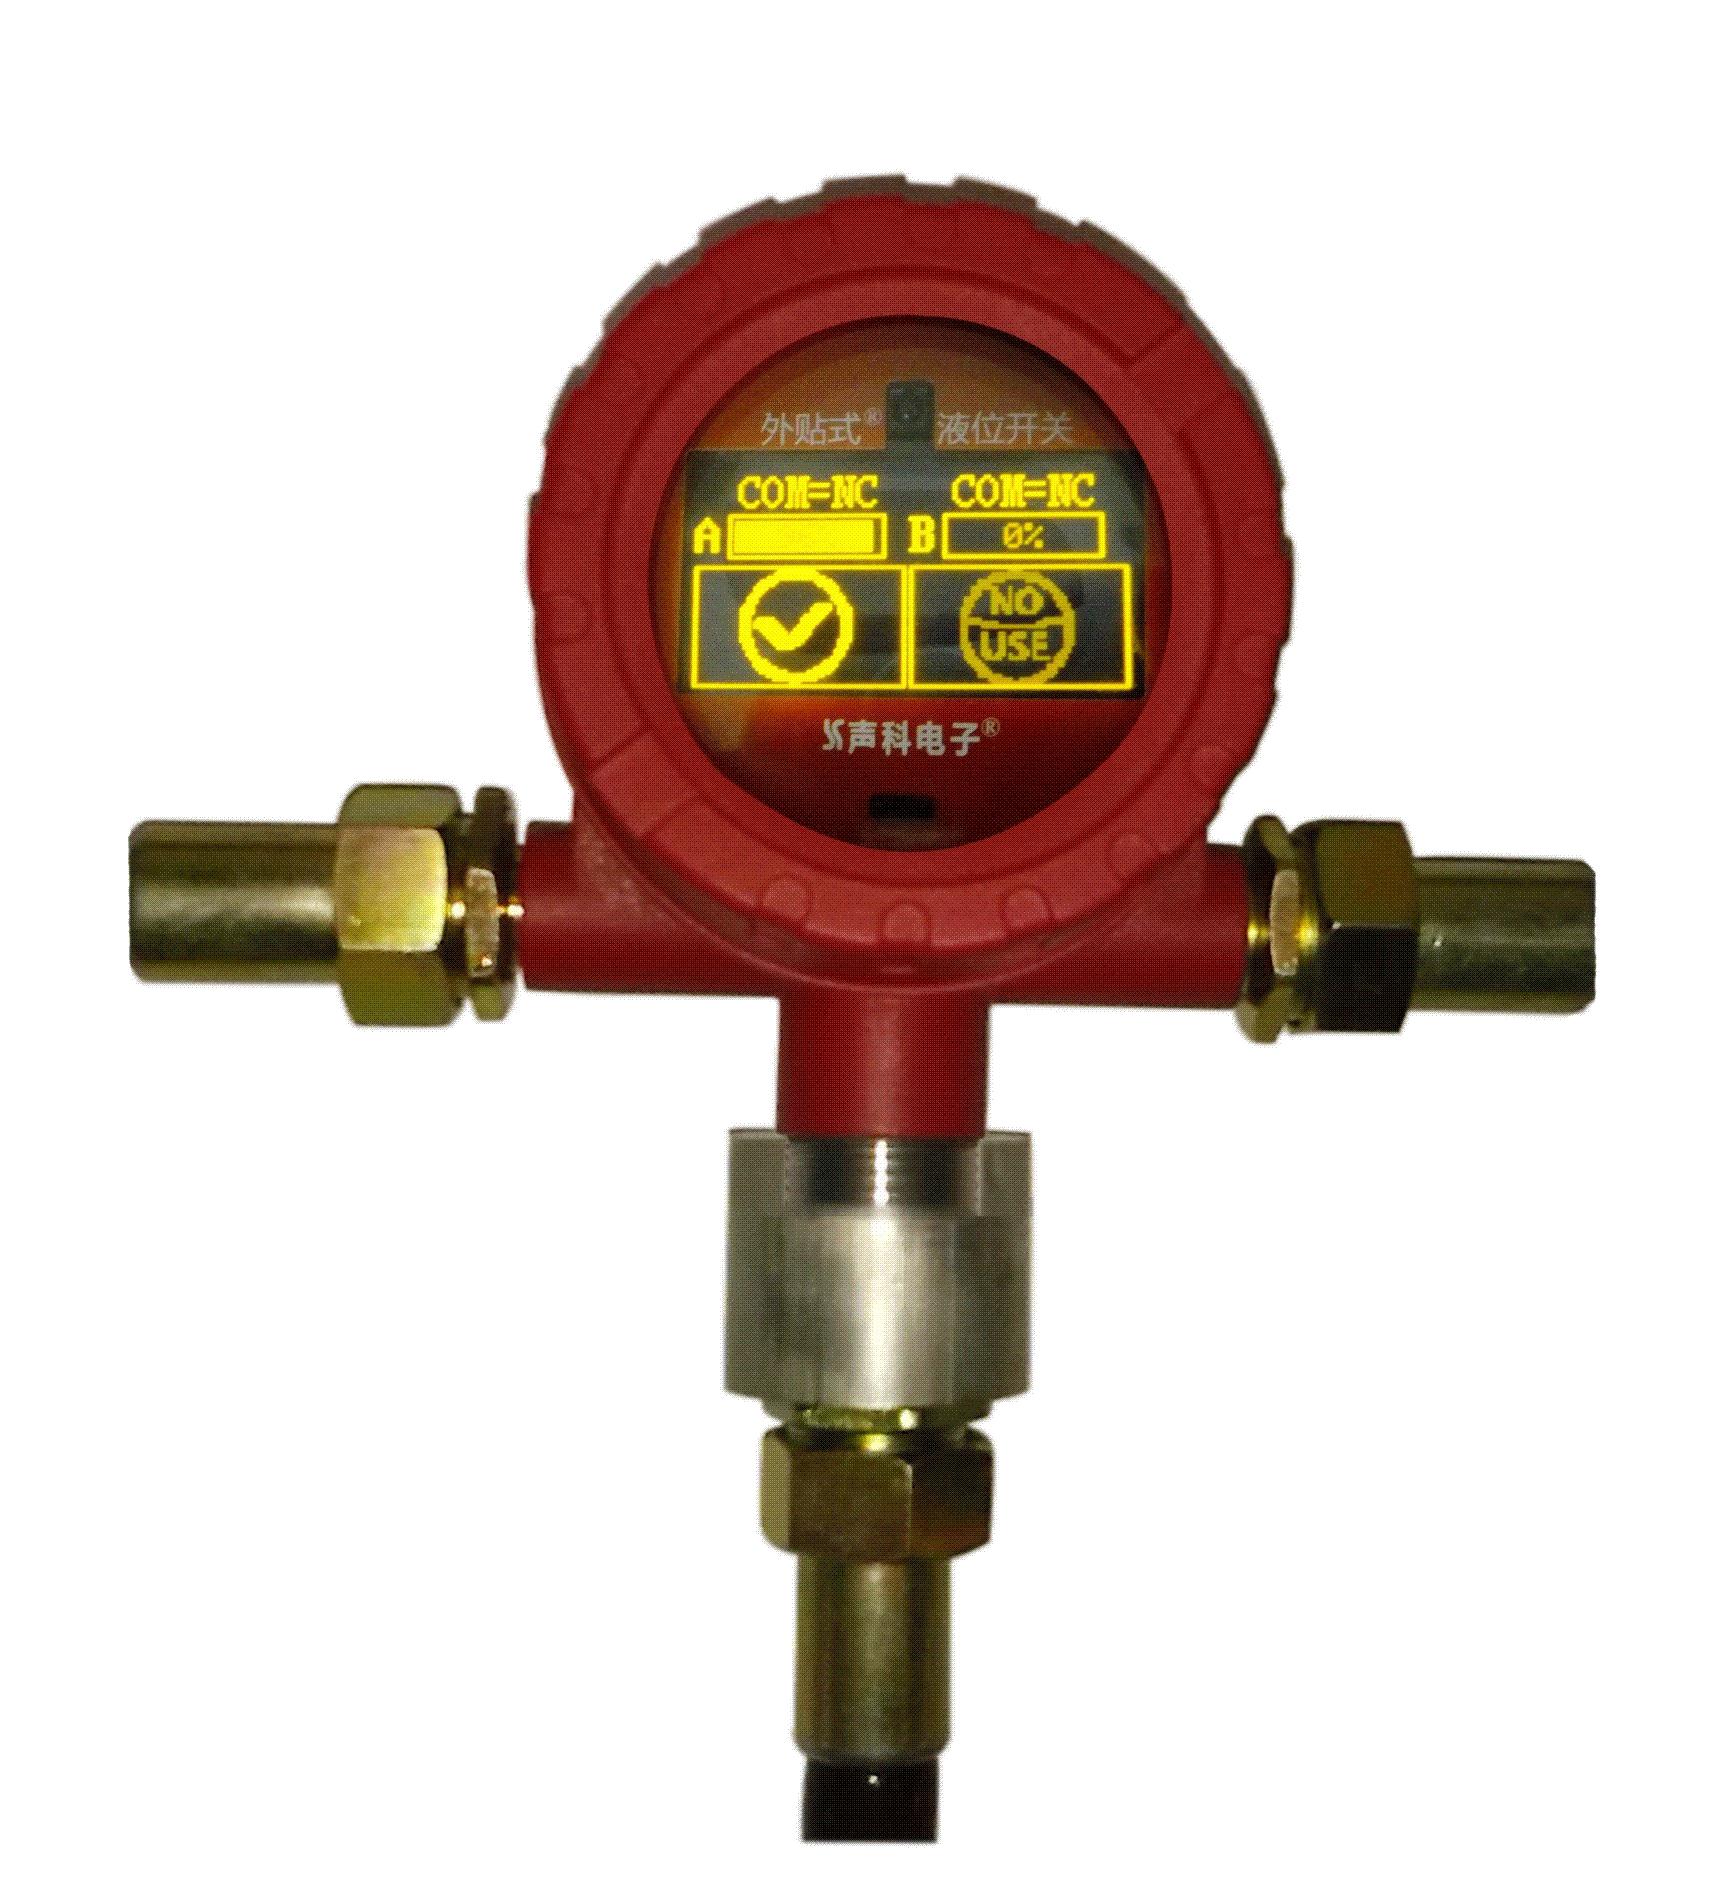 工作原理 : 外贴式液位开关传感器(探头)产生的声呐脉冲可穿过容器壁